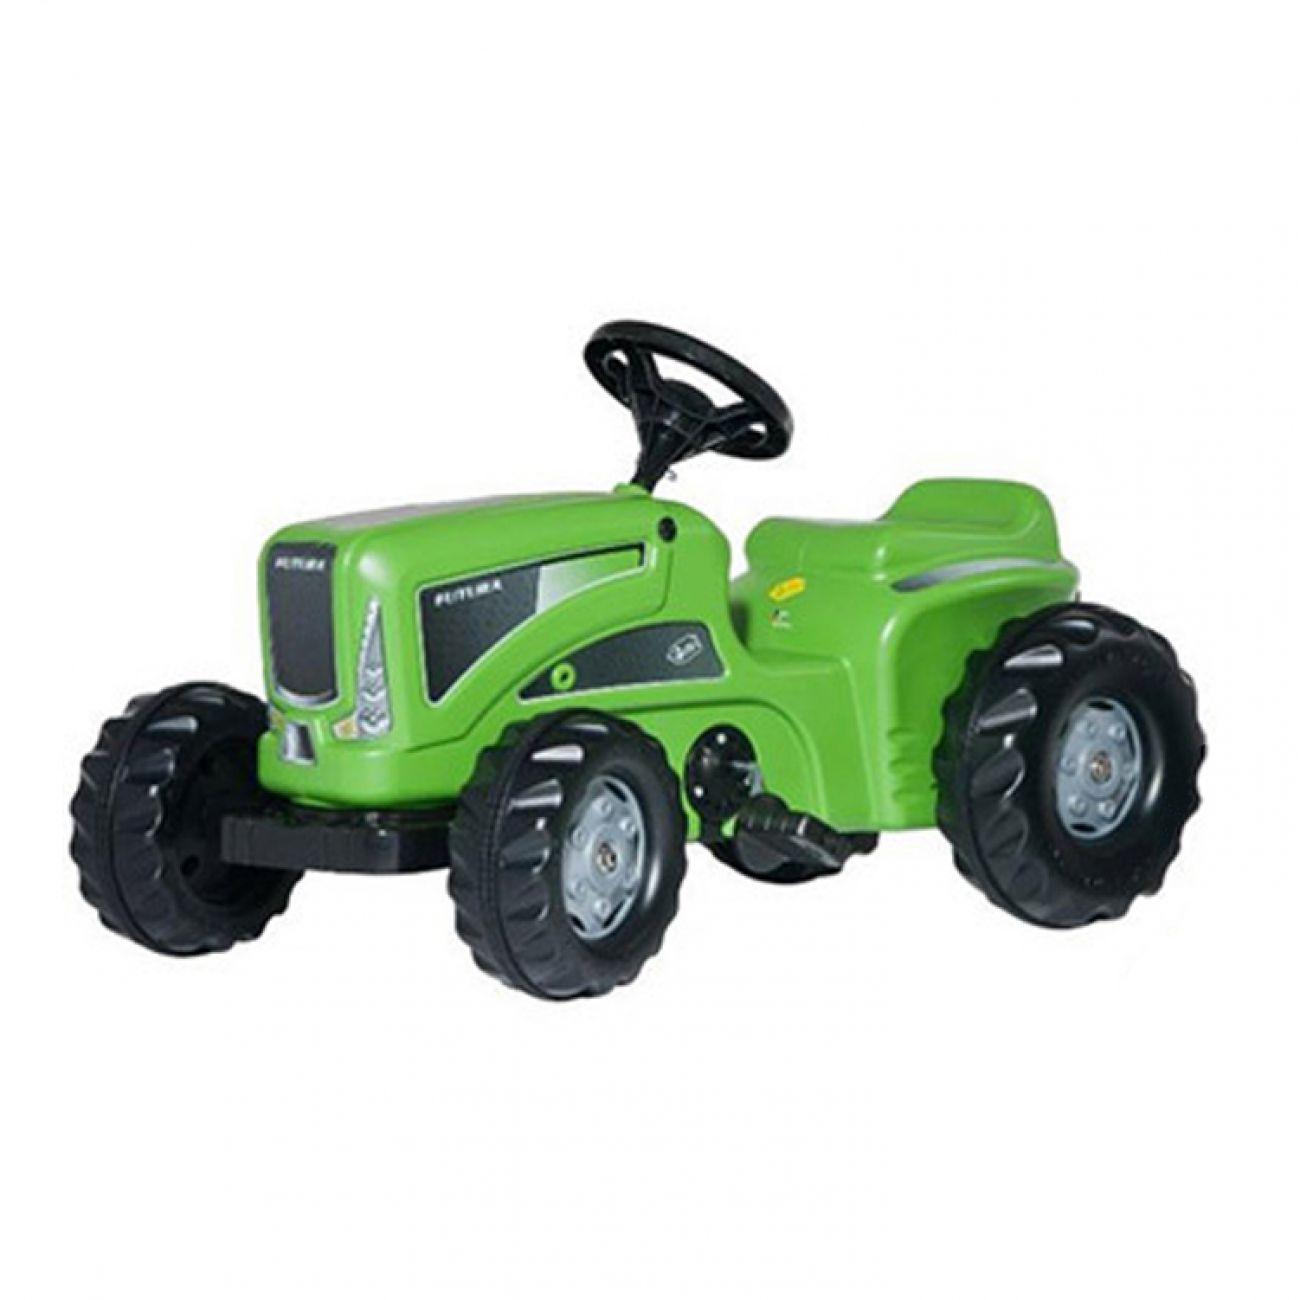 Traktor Kiddy Futura